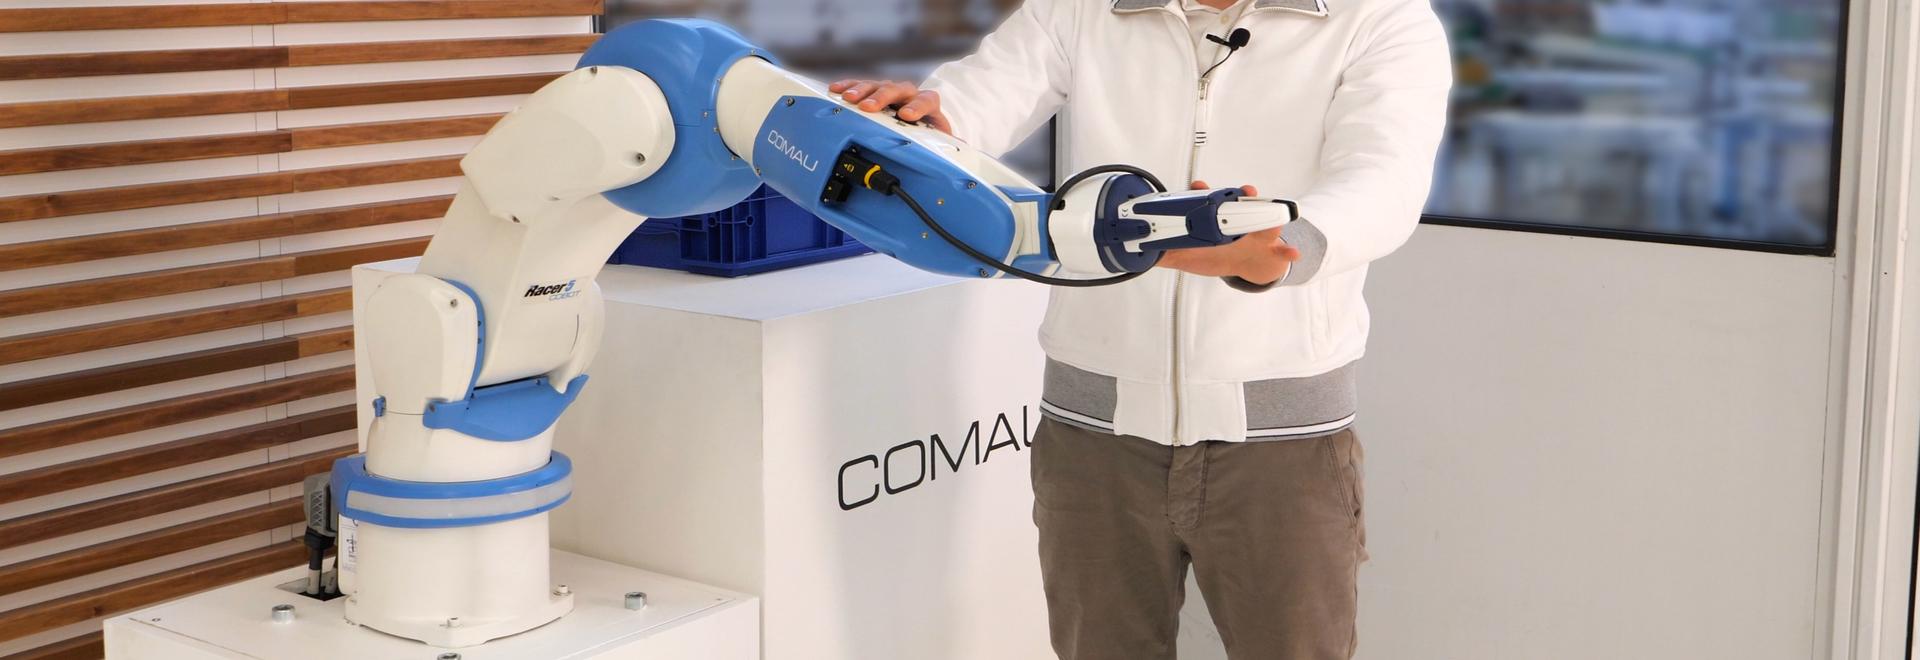 Racer-5 Cobot